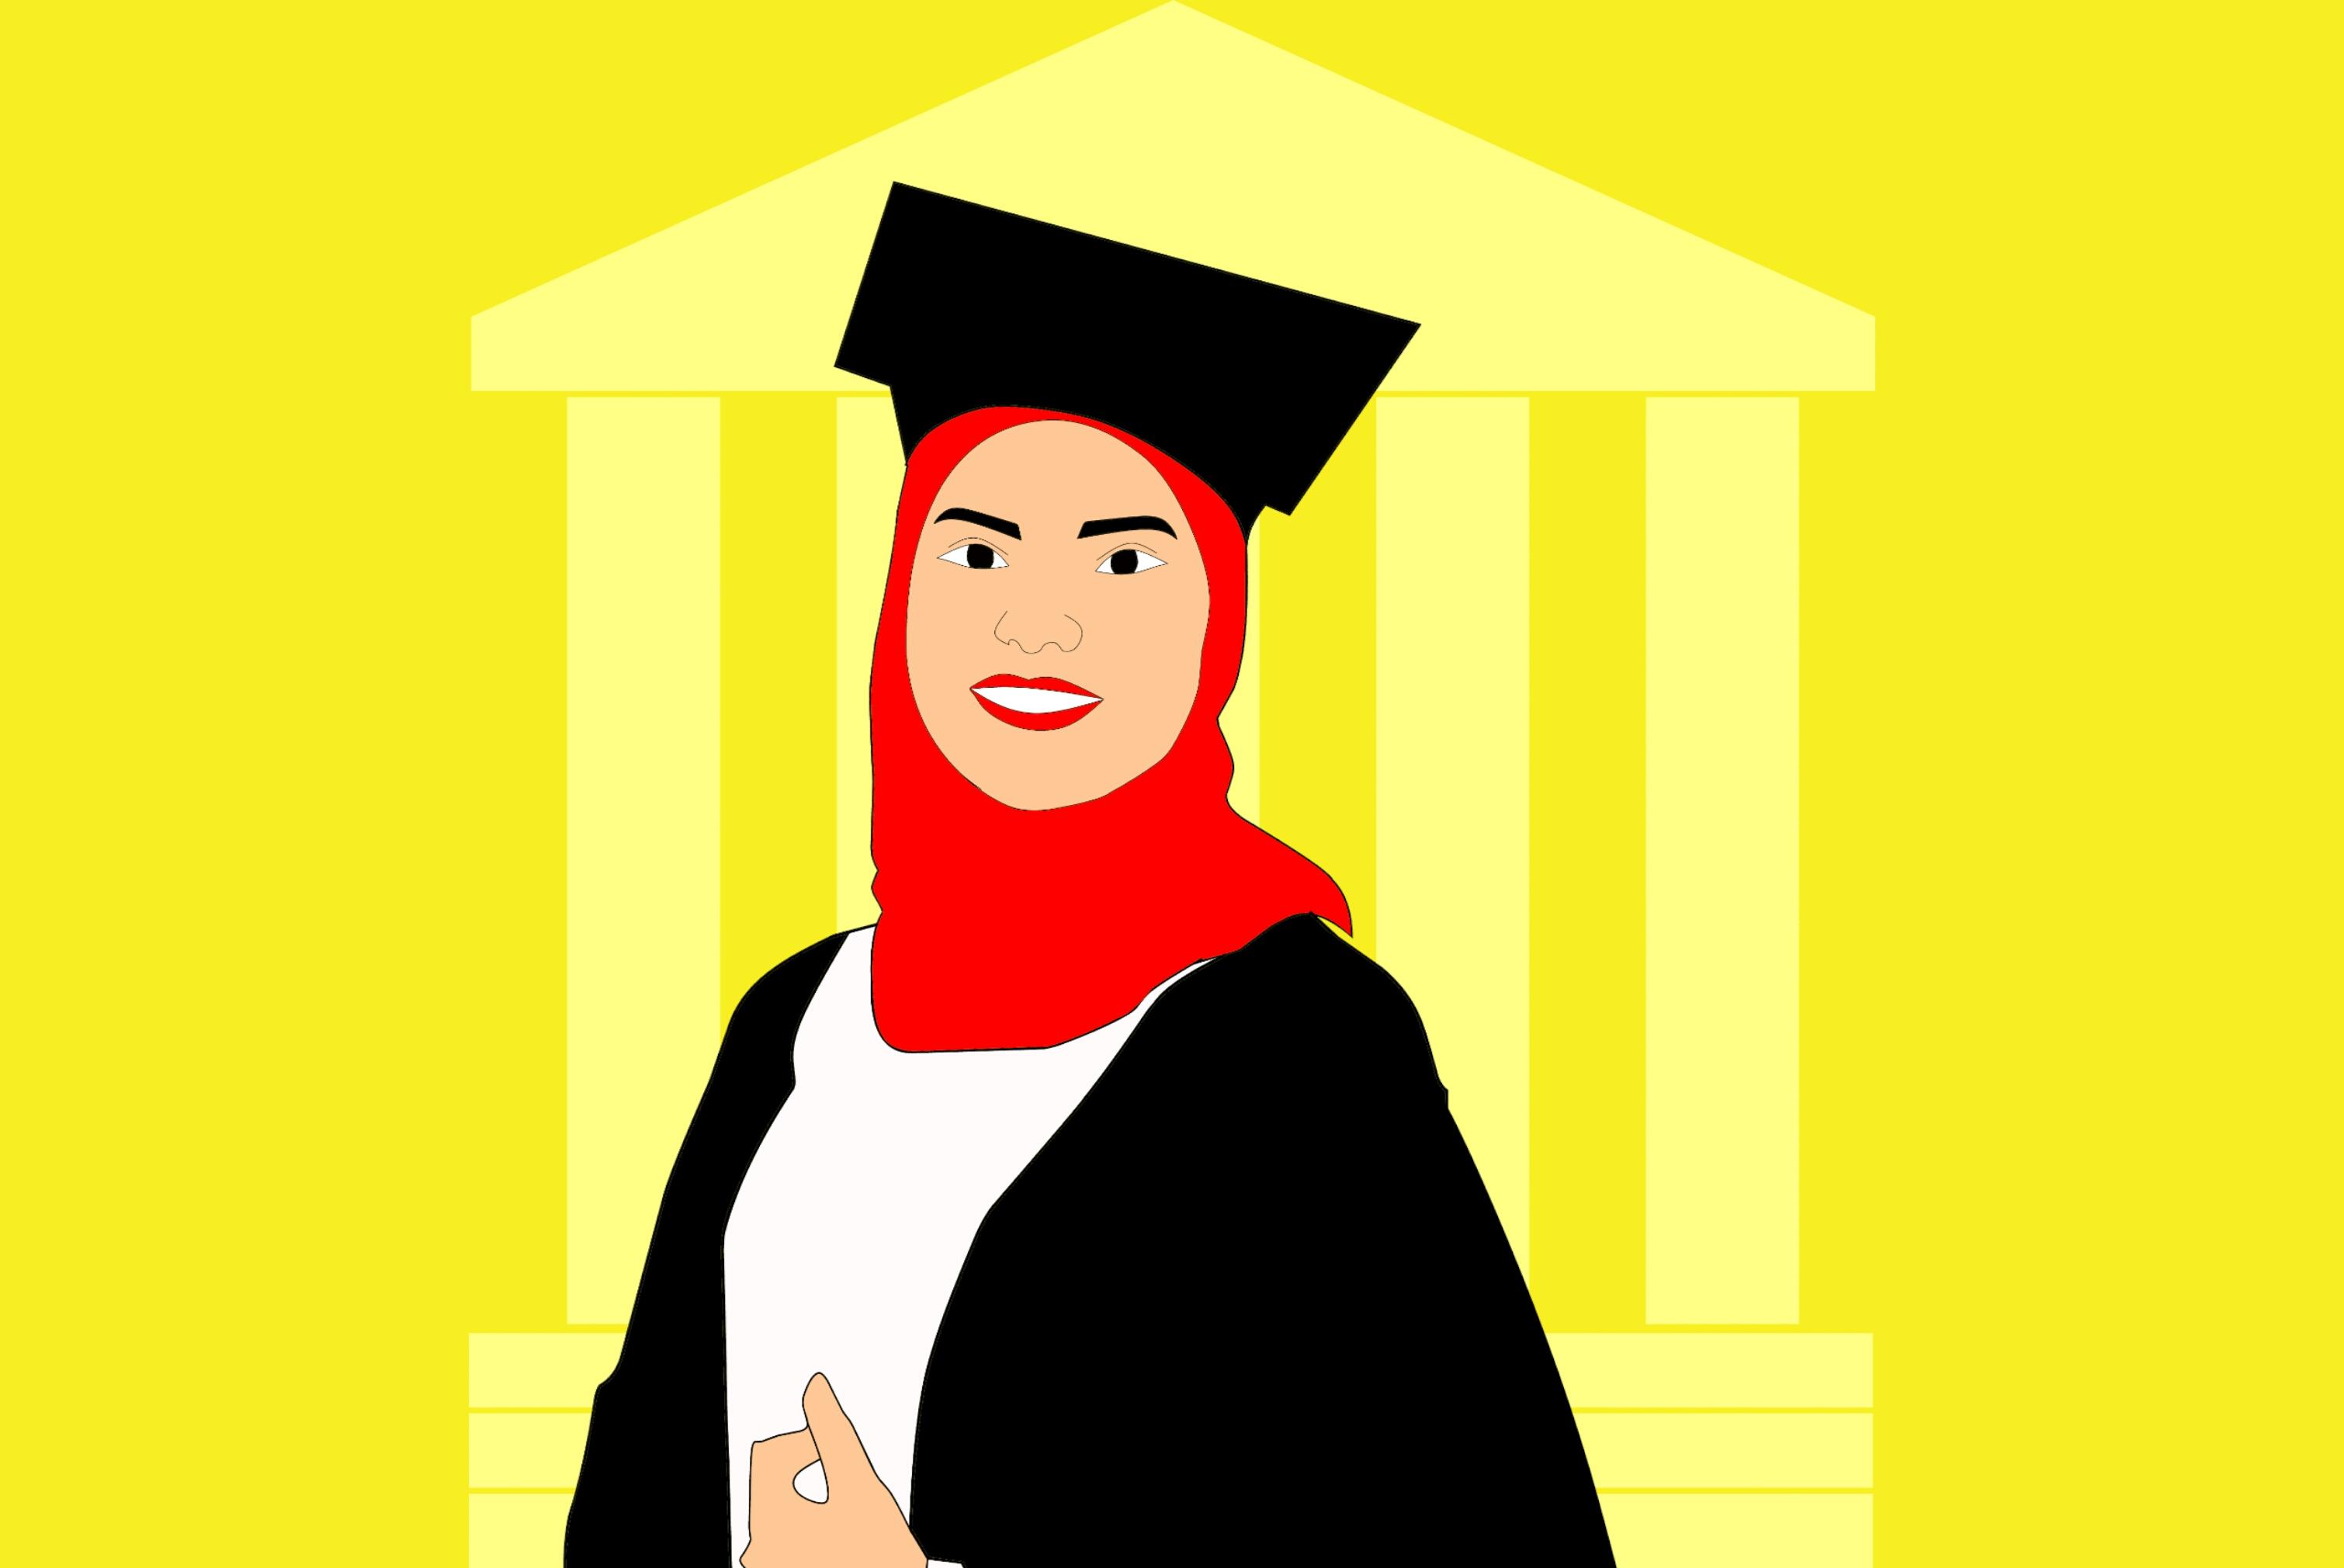 Free Images Girl Graduates Celebration Graduation Education College University Ceremony Hat Cap Success Achievement Symbol Congratulations